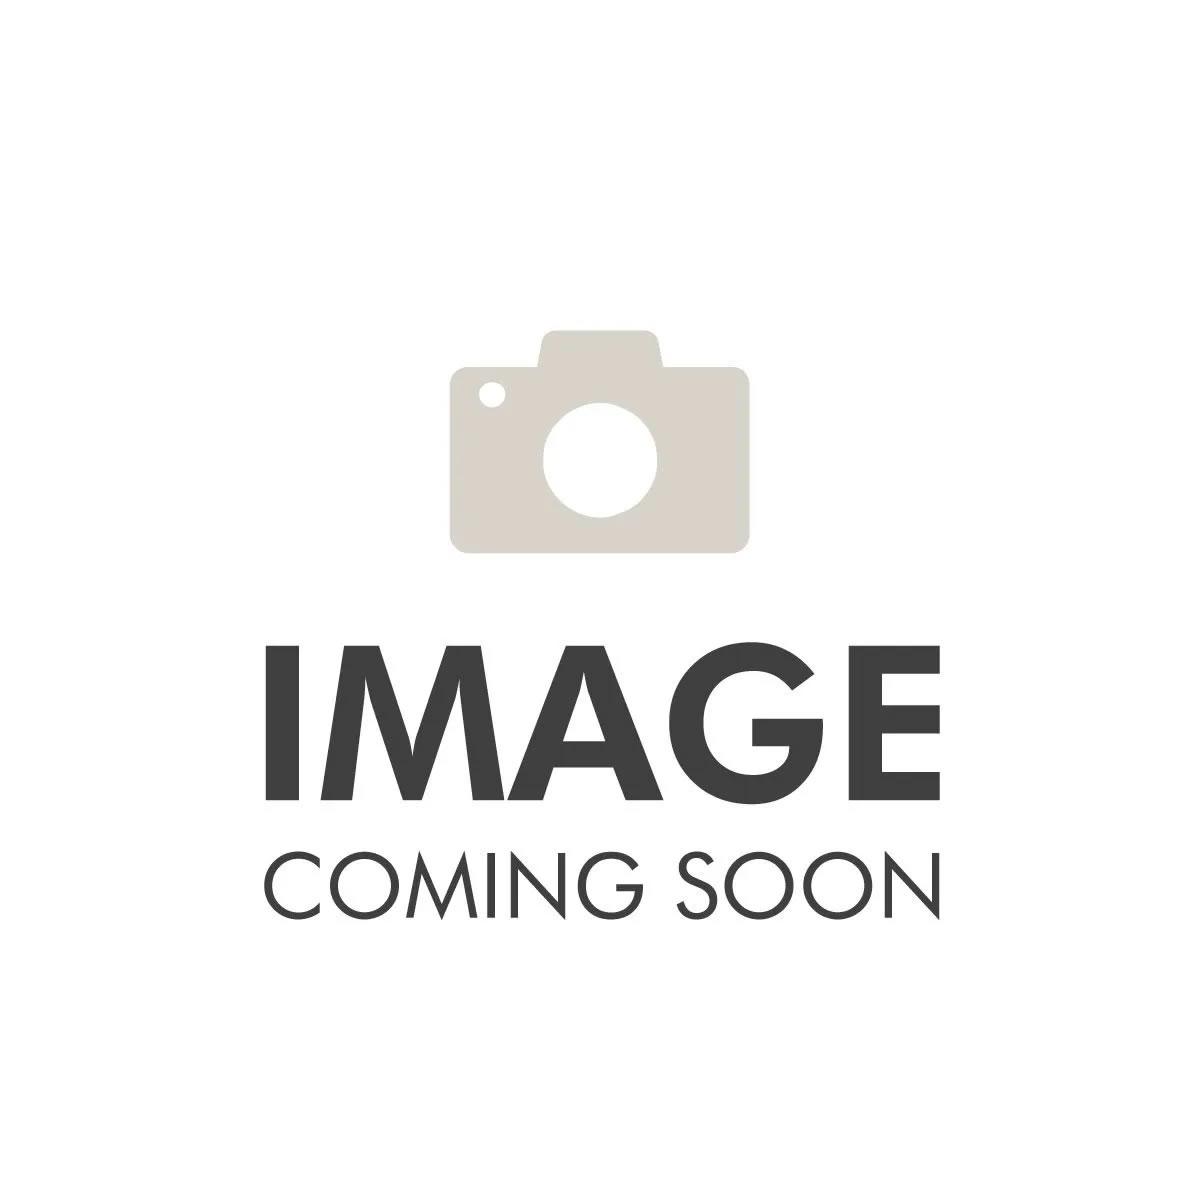 1977 J10 4wd truck project Jeep